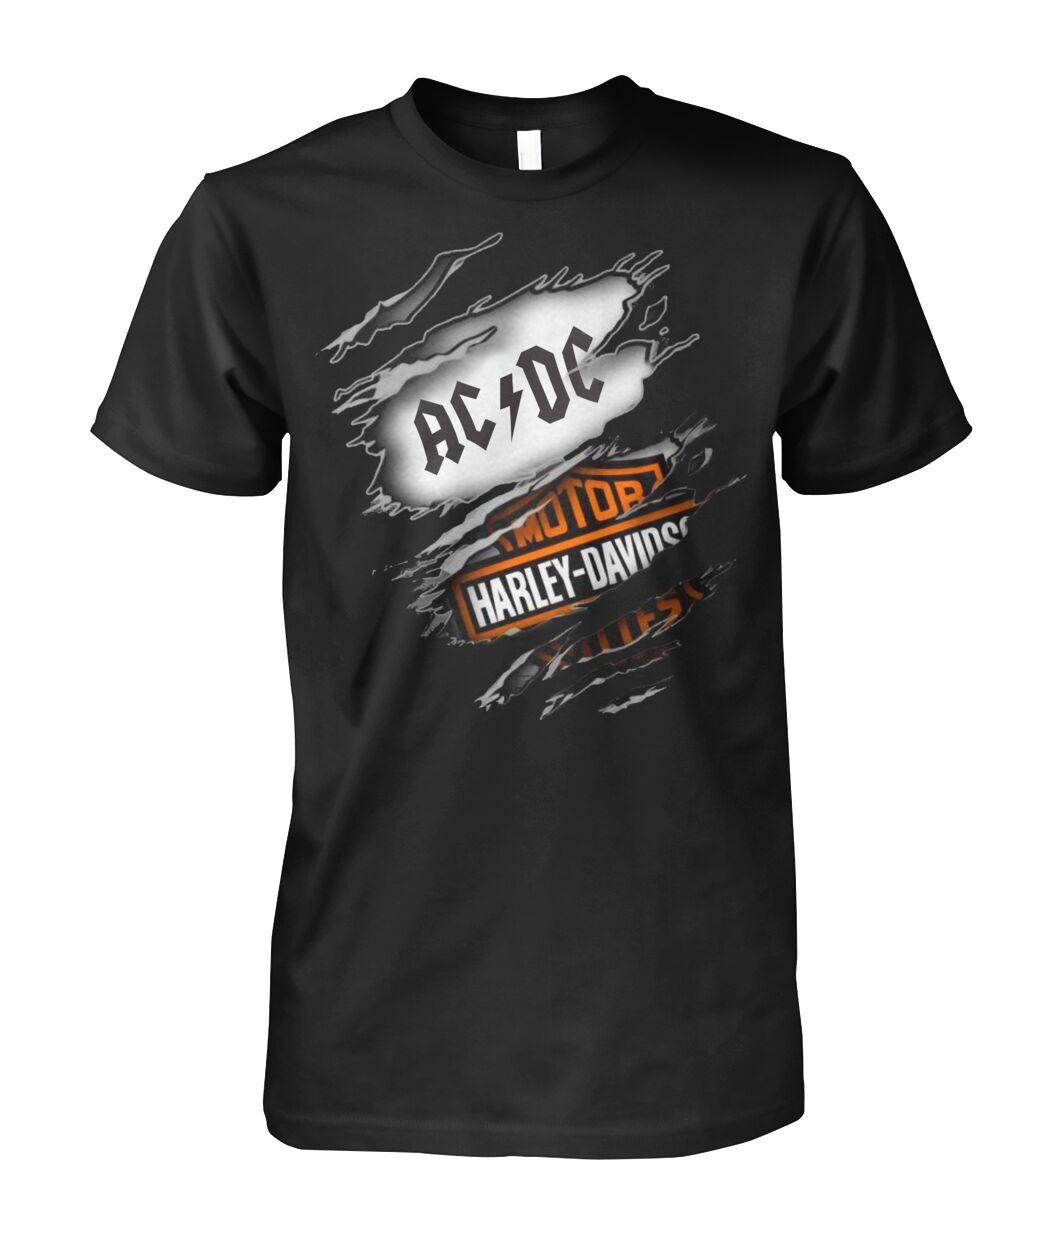 harley-davidson motorcycles and acdc rock band tshirt